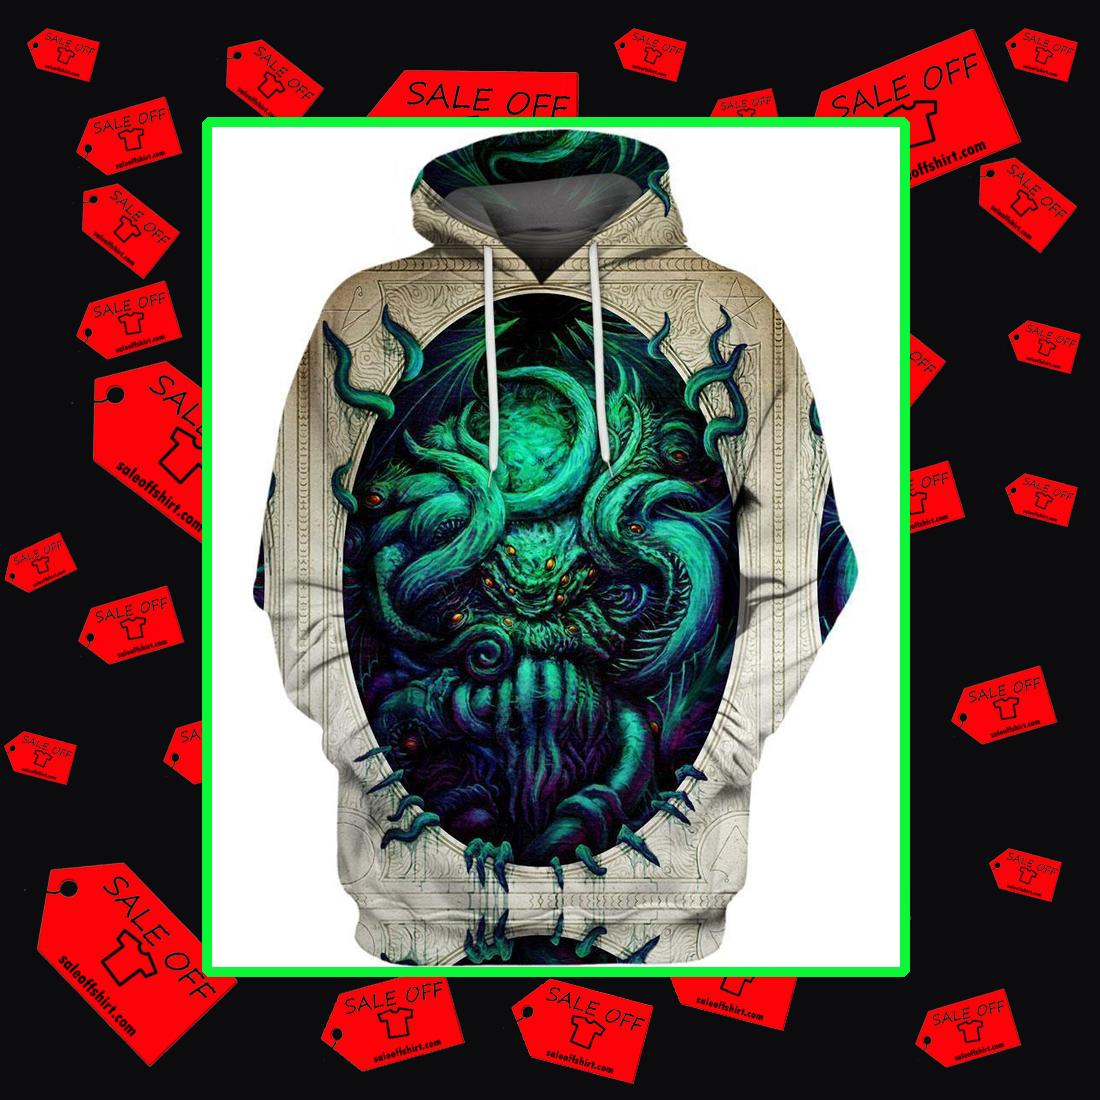 Cthulhu 3d hoodie